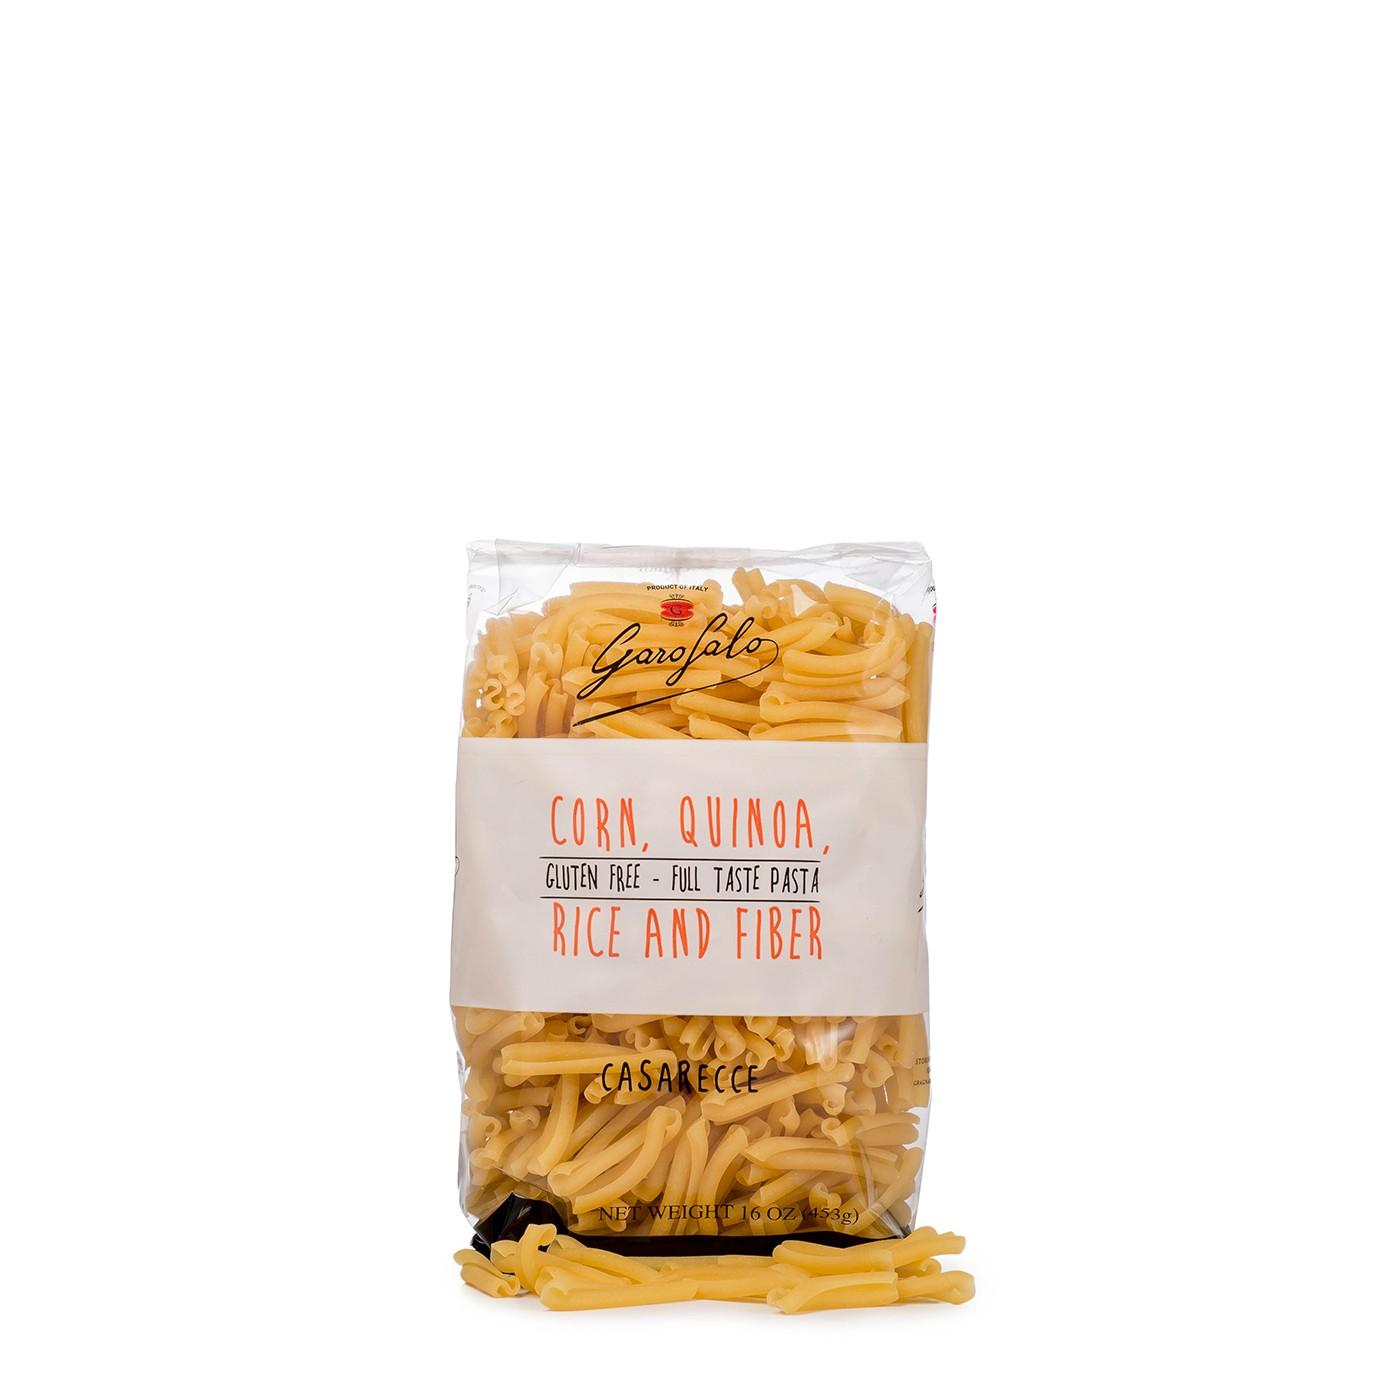 Gluten-free Casarecce 16 oz